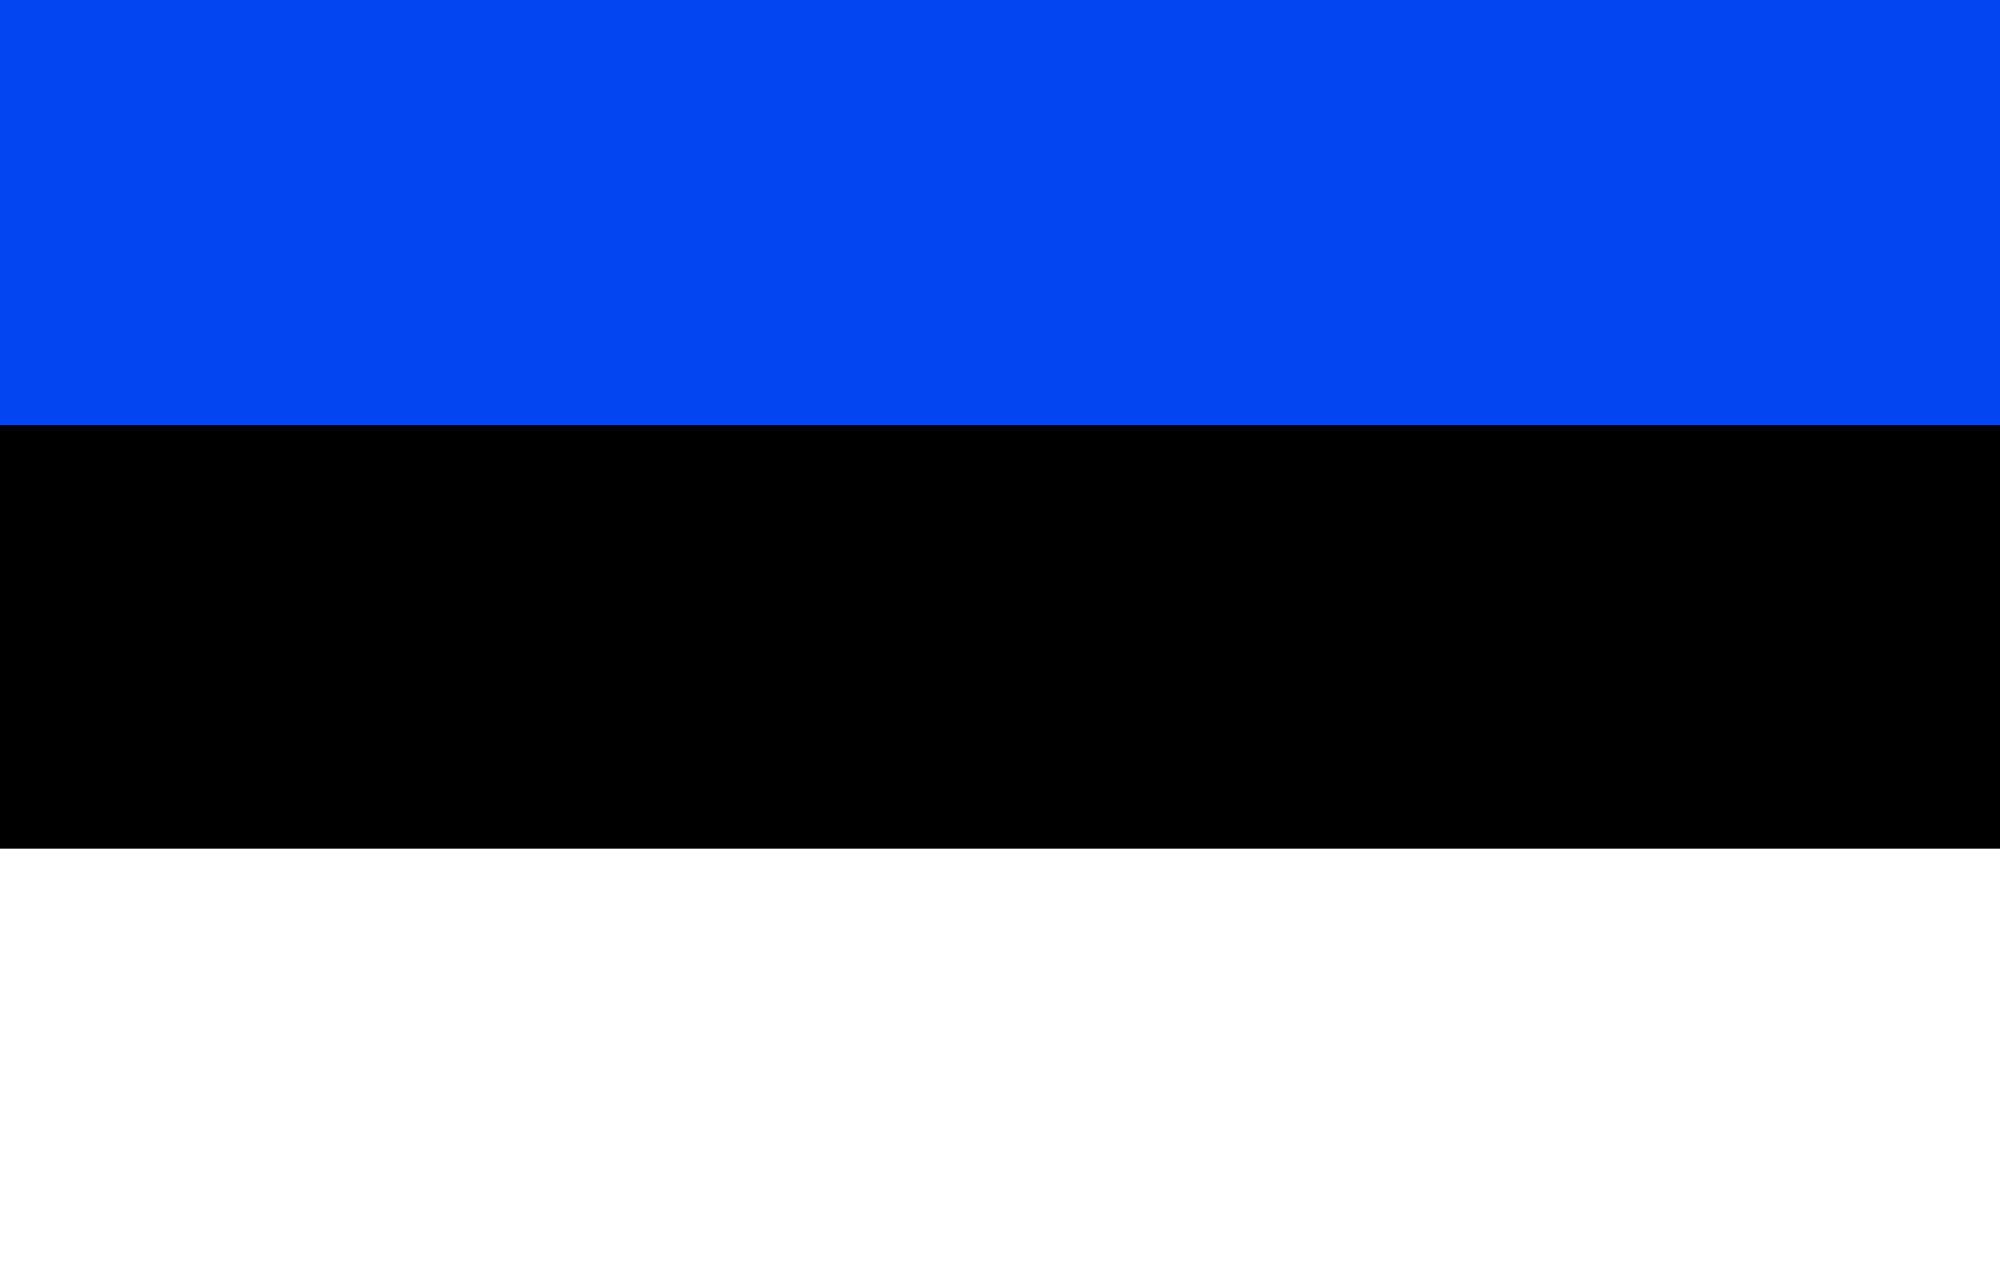 Анкета для оформления визы в Эстонию